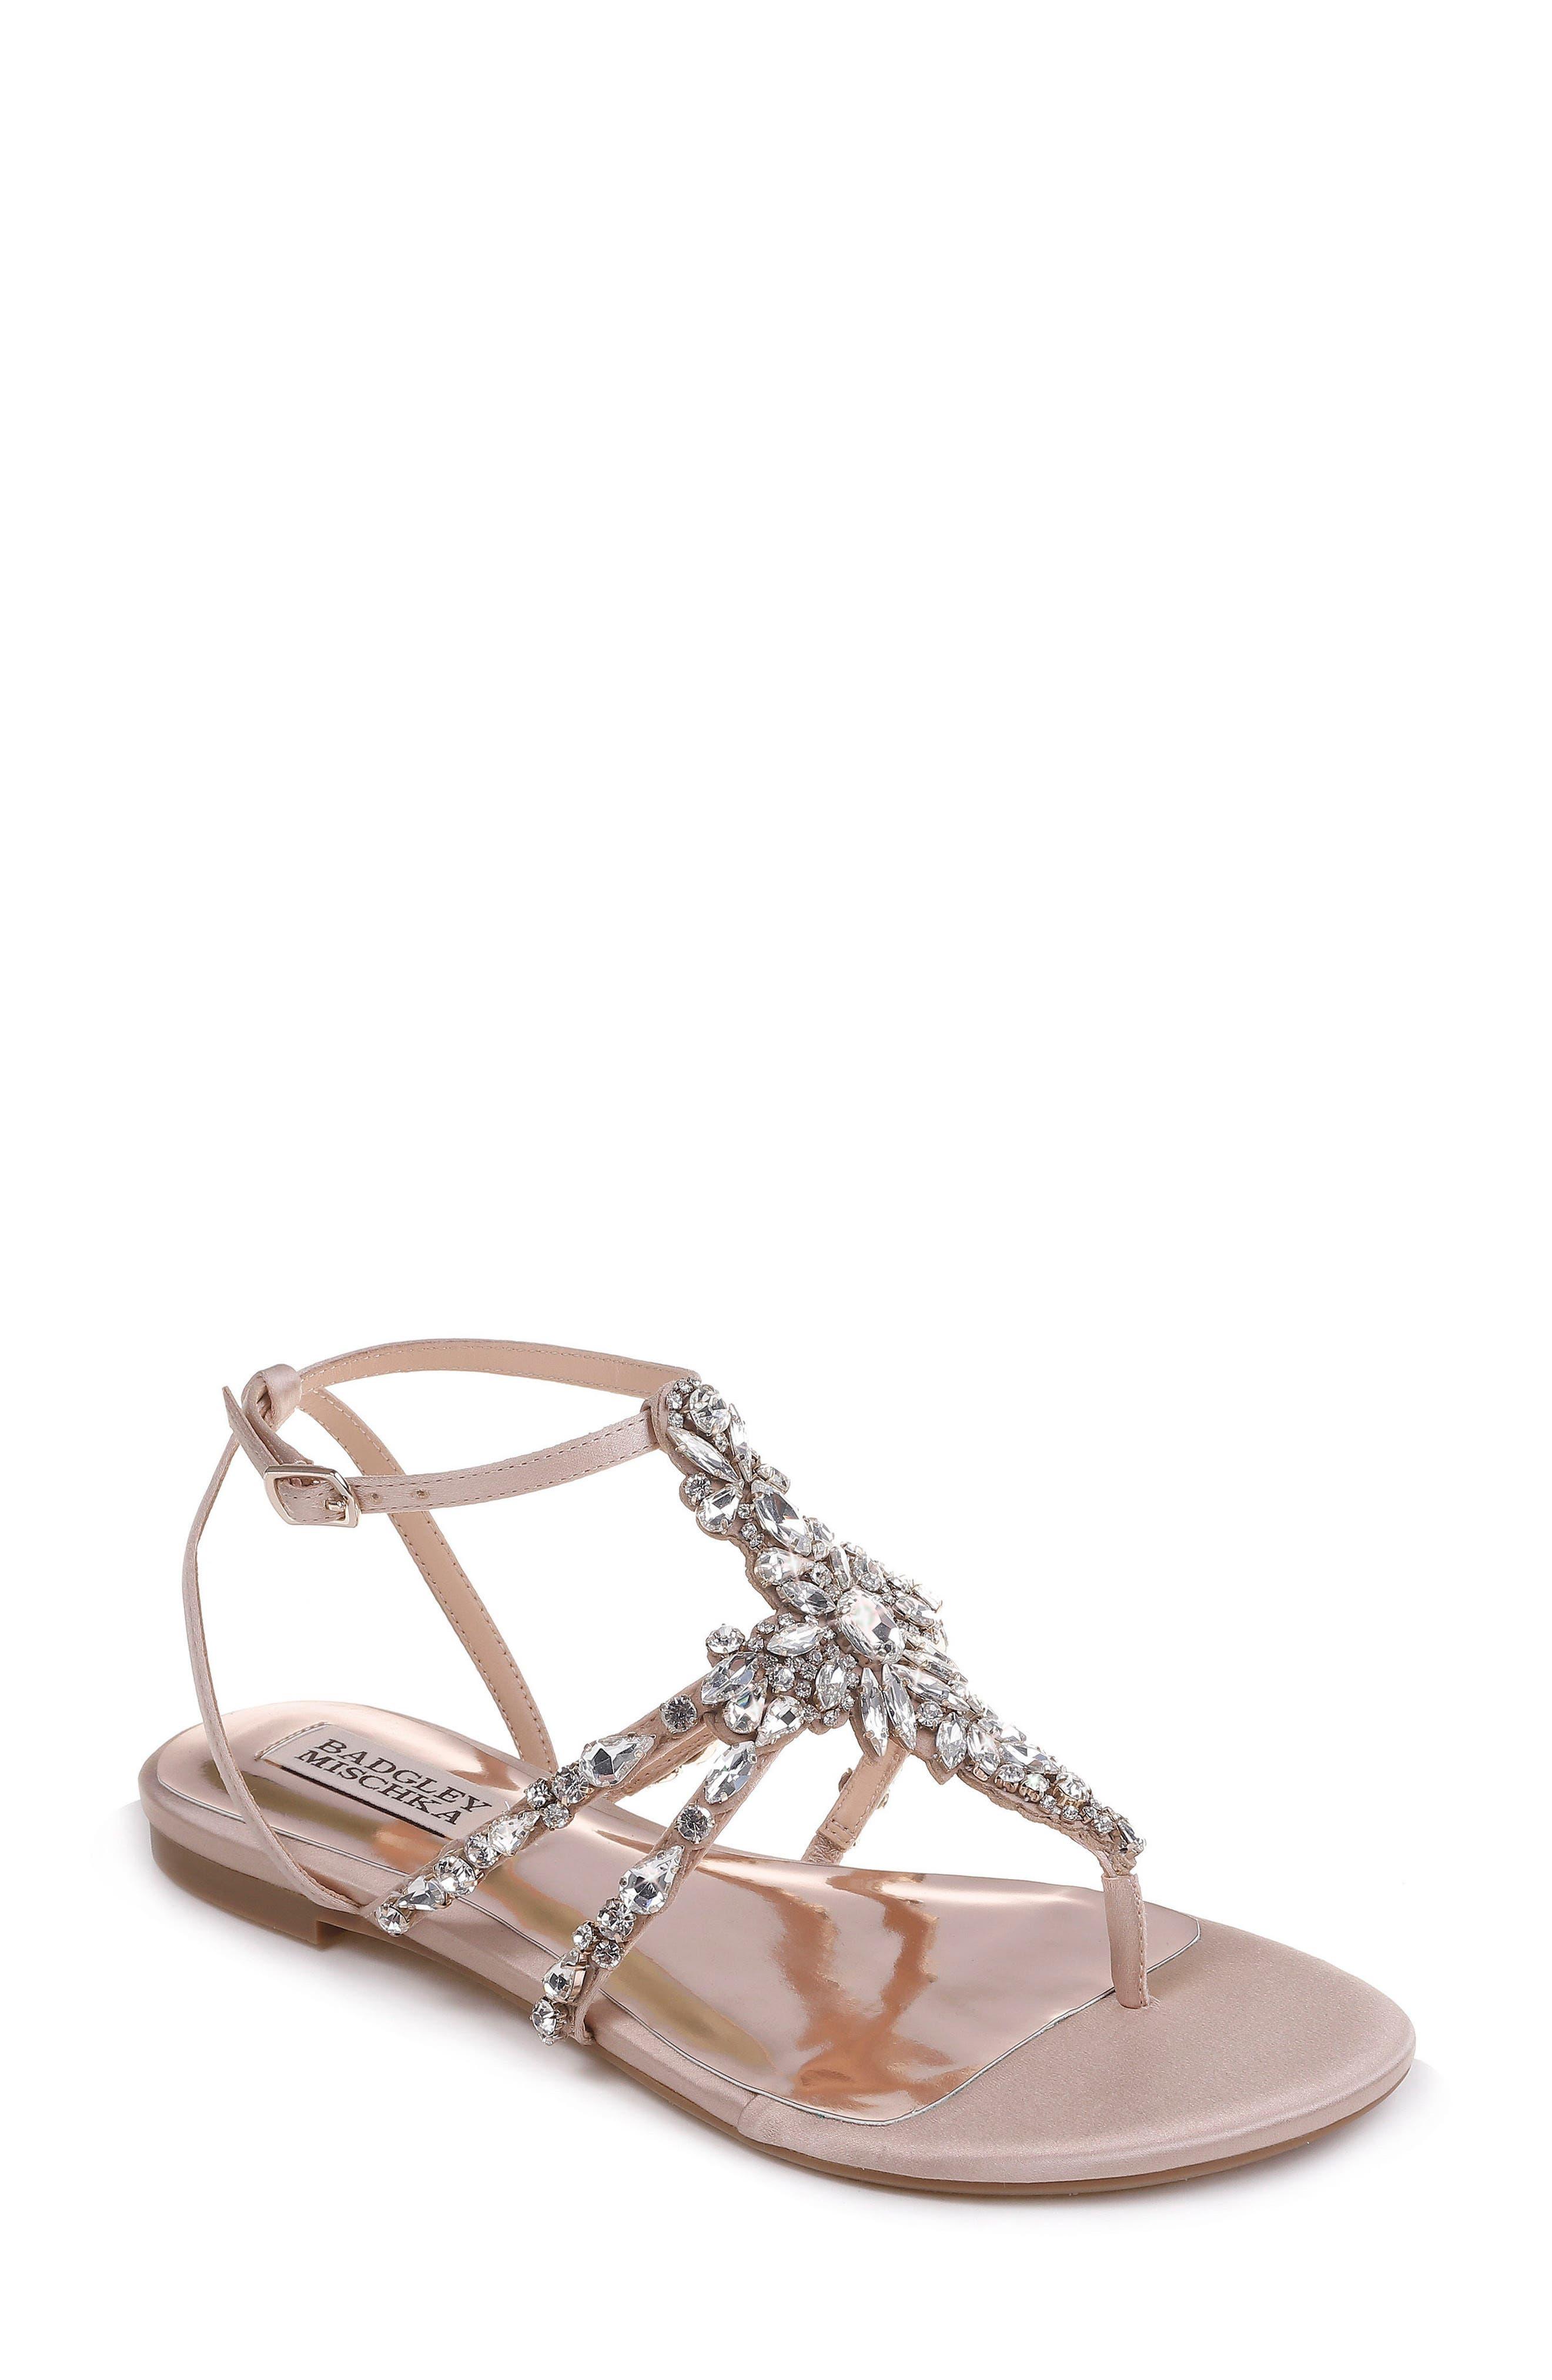 Badgley Mischka Hampden Crystal Embellished Sandal